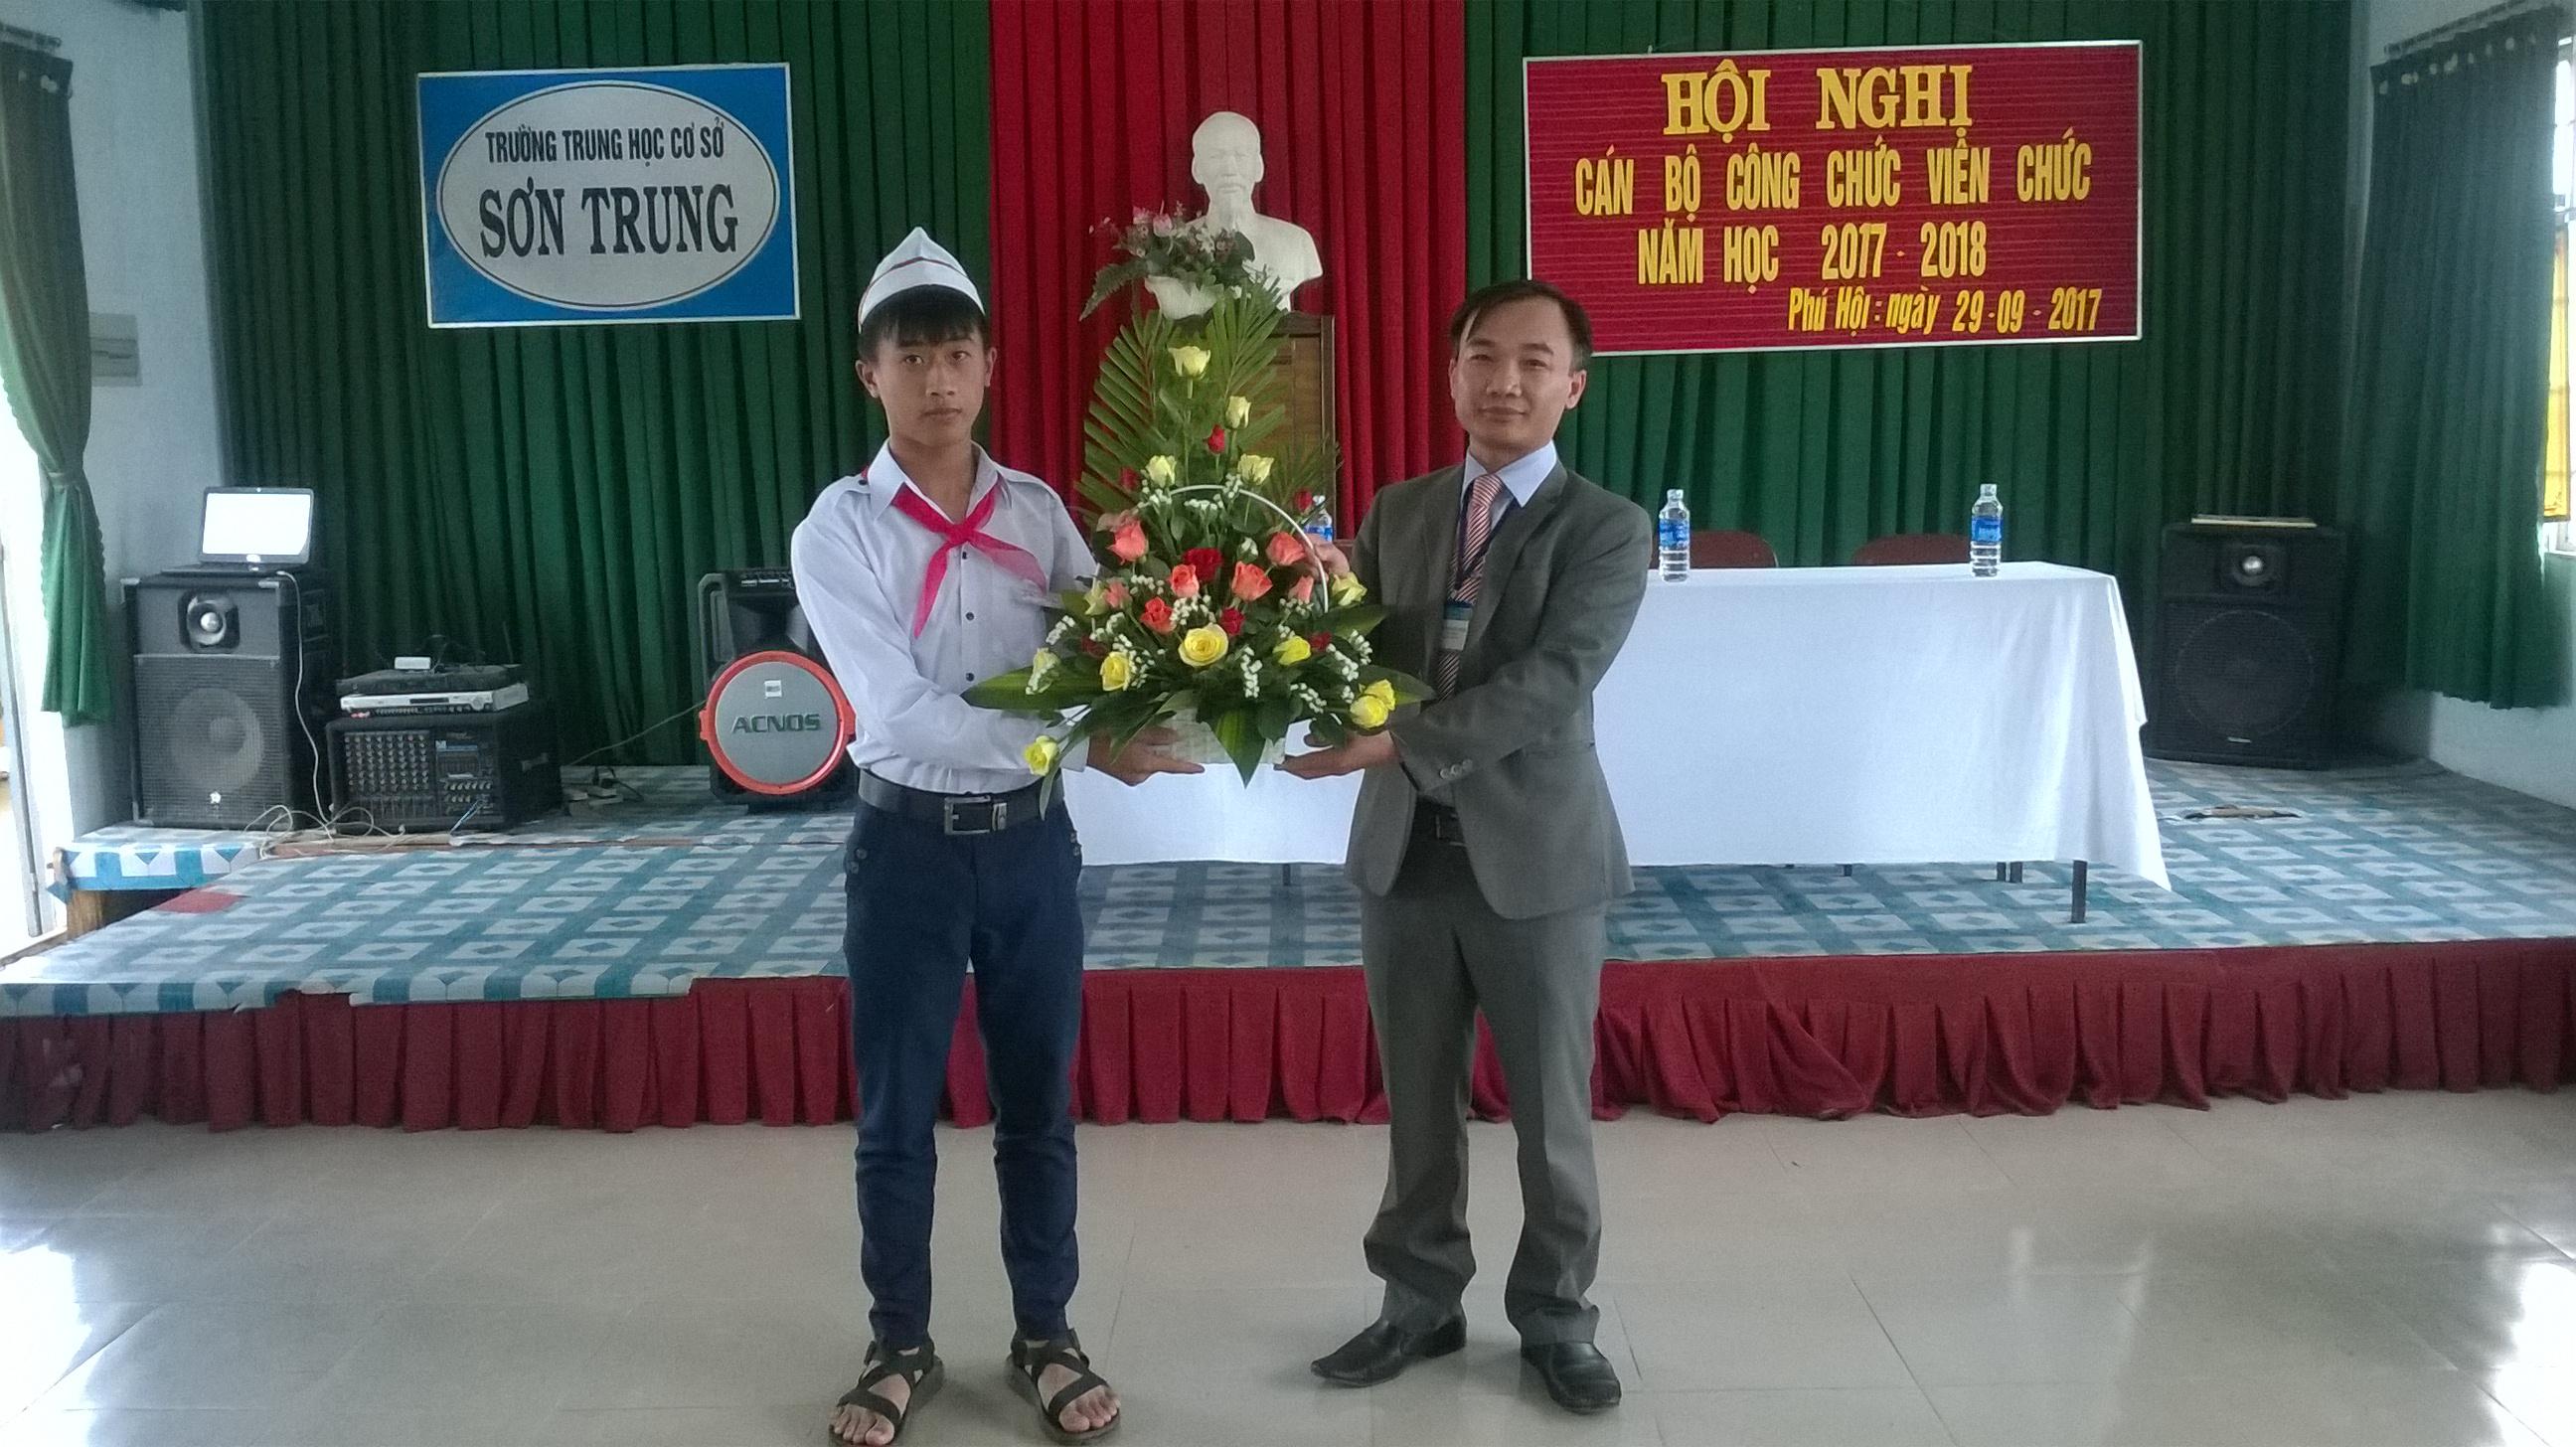 Hội nghị Cán bộ công chức viên chức trường THCS Sơn Trung năm học 2017 -2018